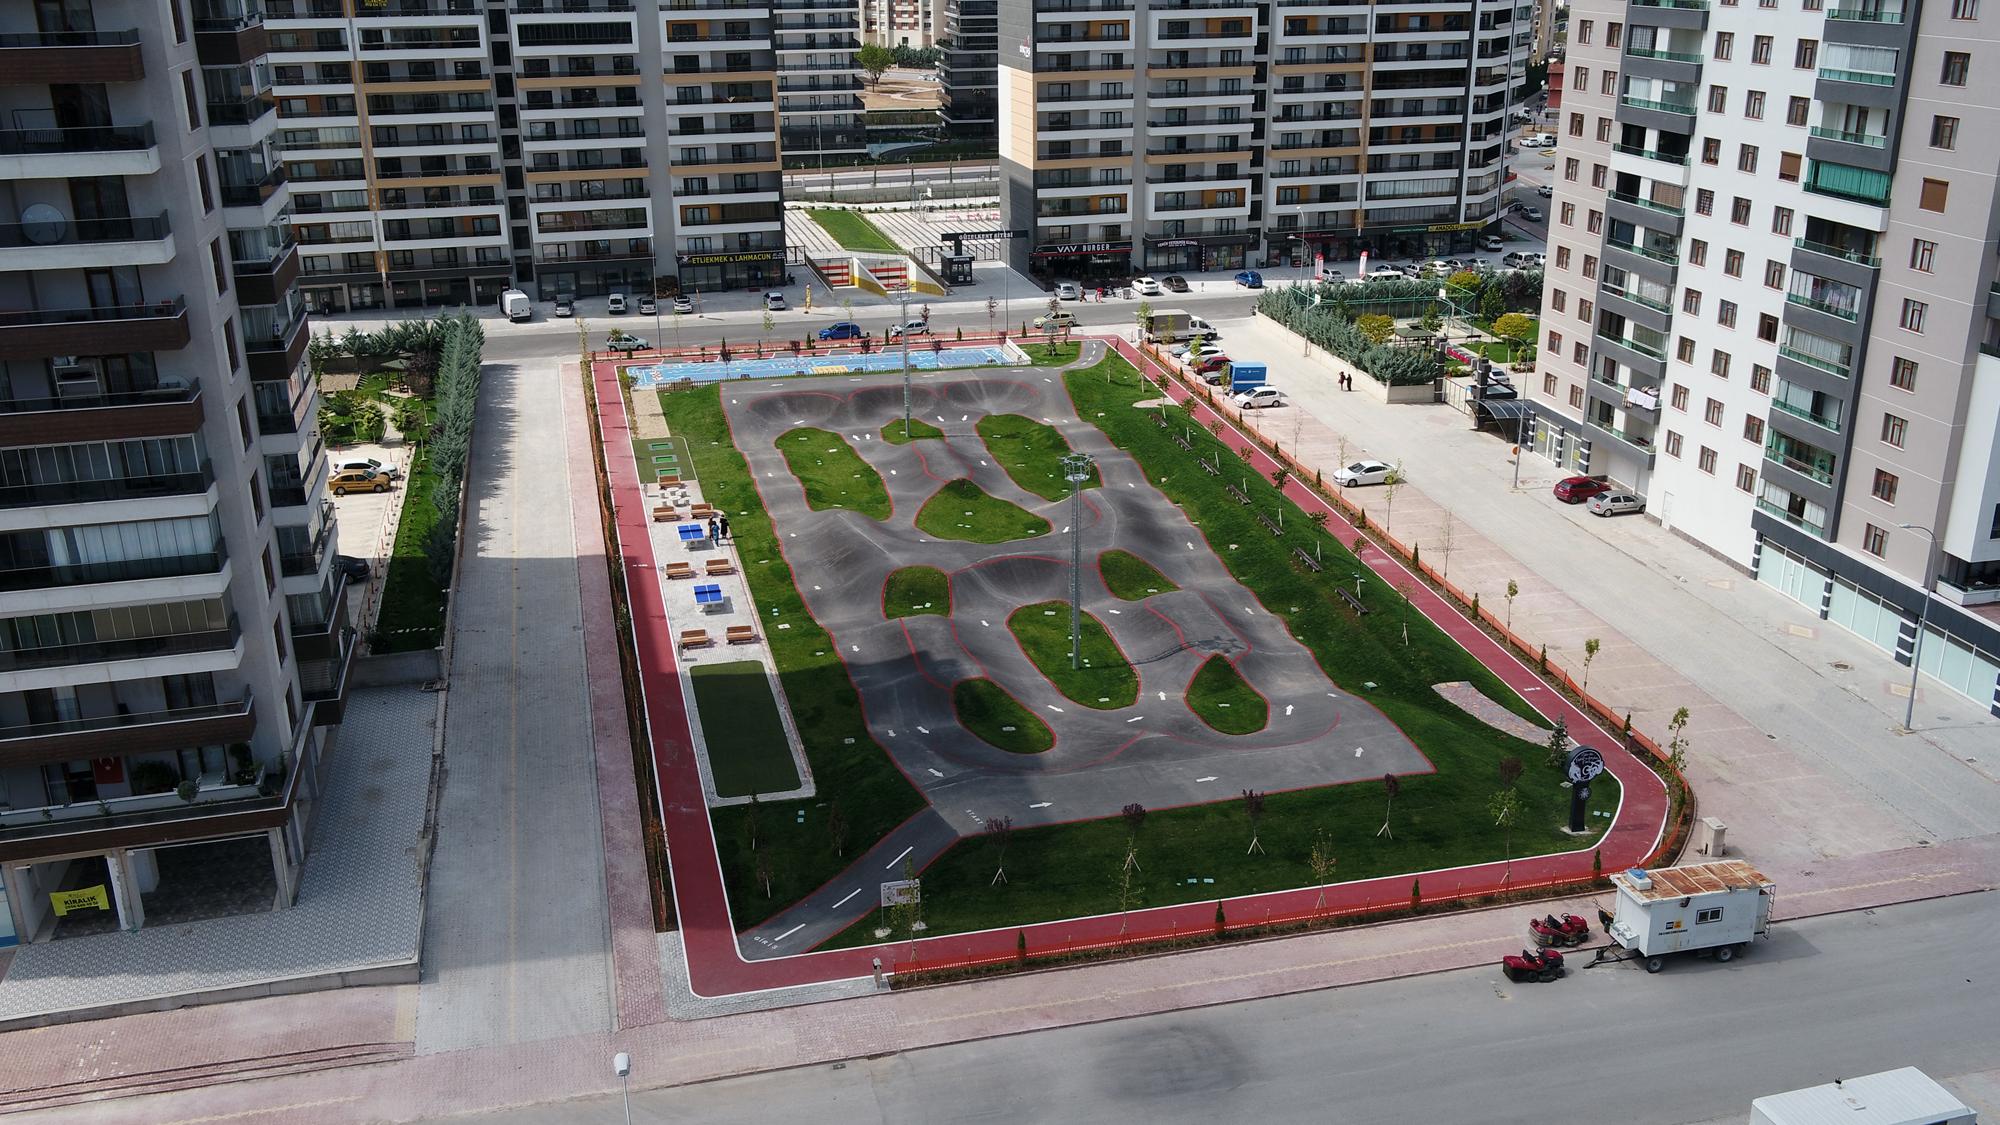 selcuk-mahallesi-kaykay-ve-bisiklet-parki-aciliyor.jpg